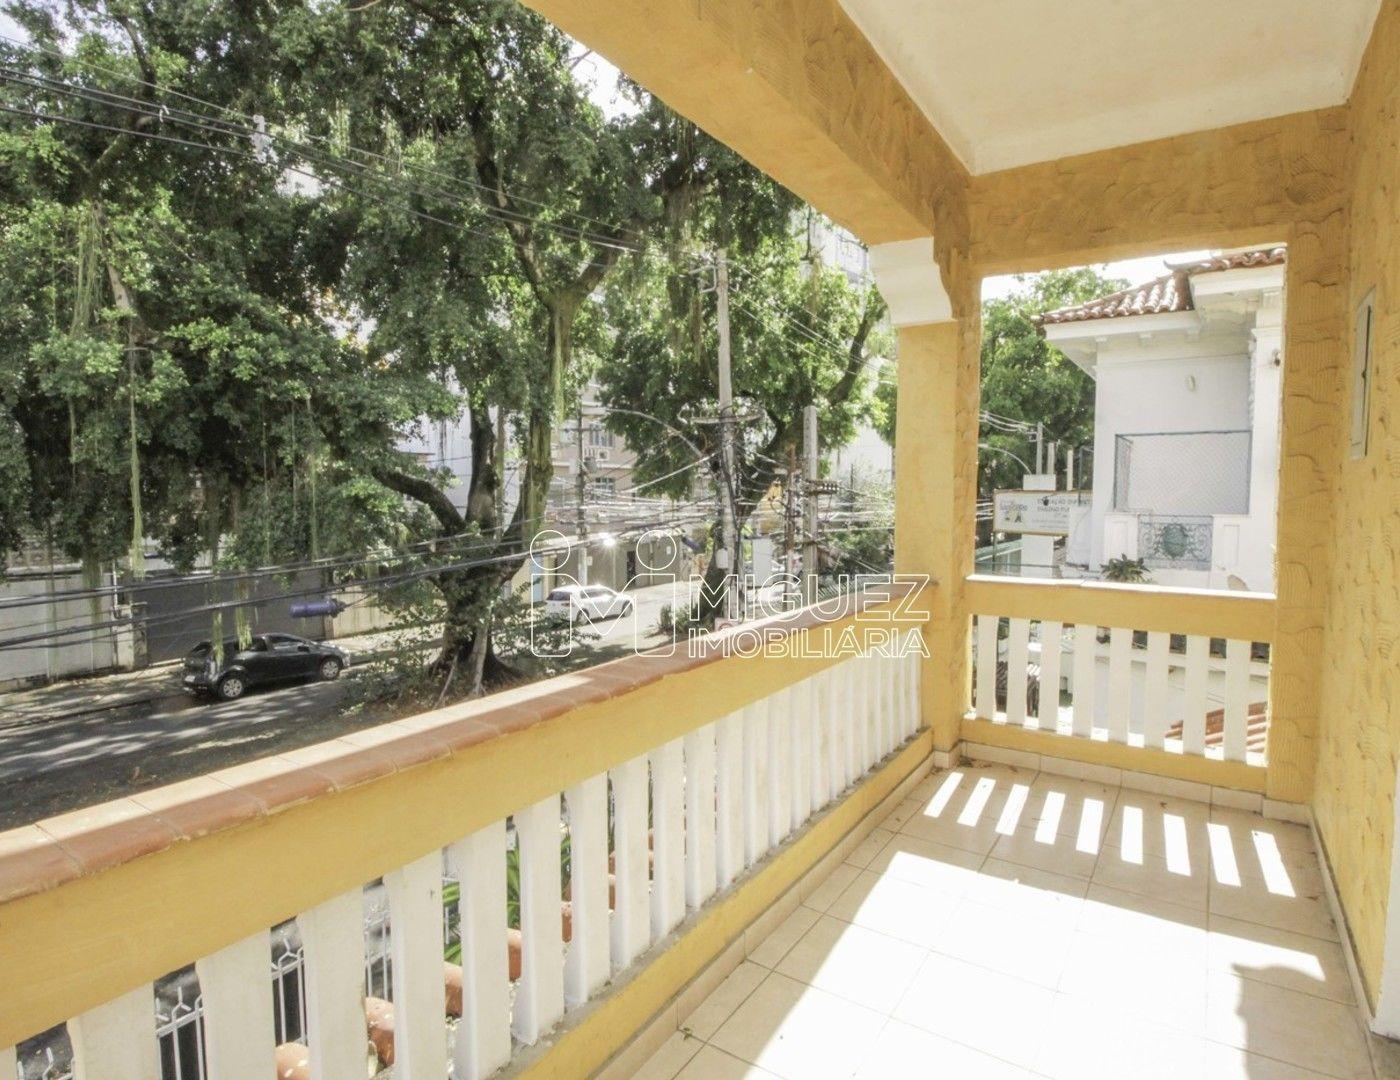 Casa, venda, Avenida Paula Sousa - Maracanã , Rio de janeiro